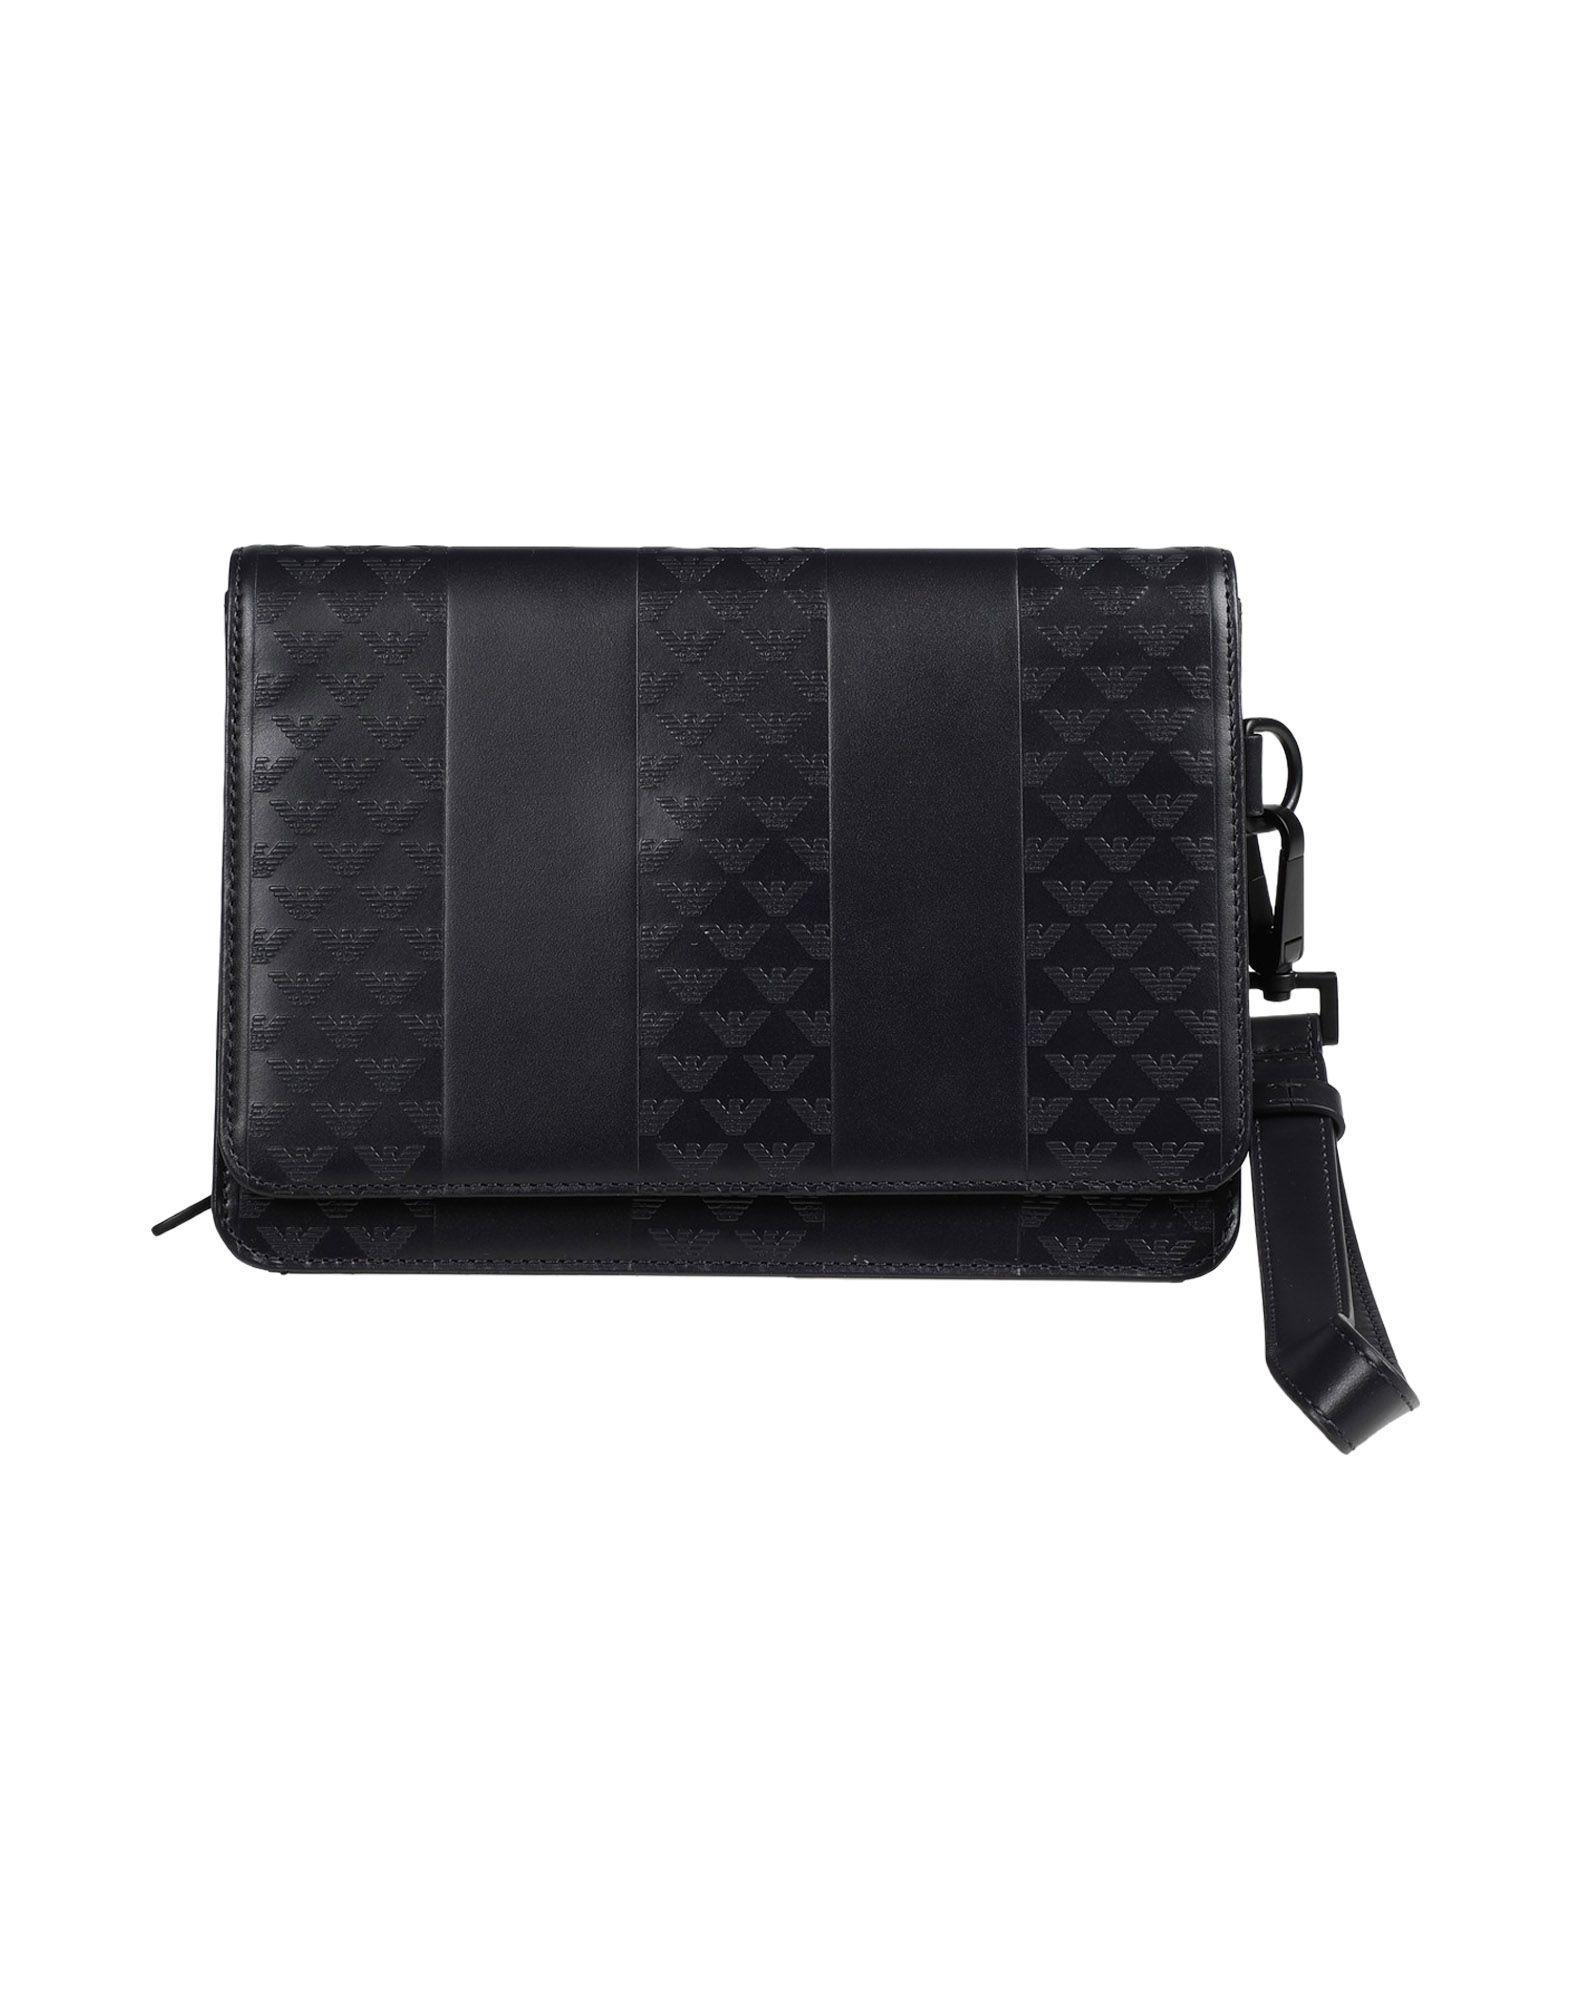 Emporio Armani Handbag In Black